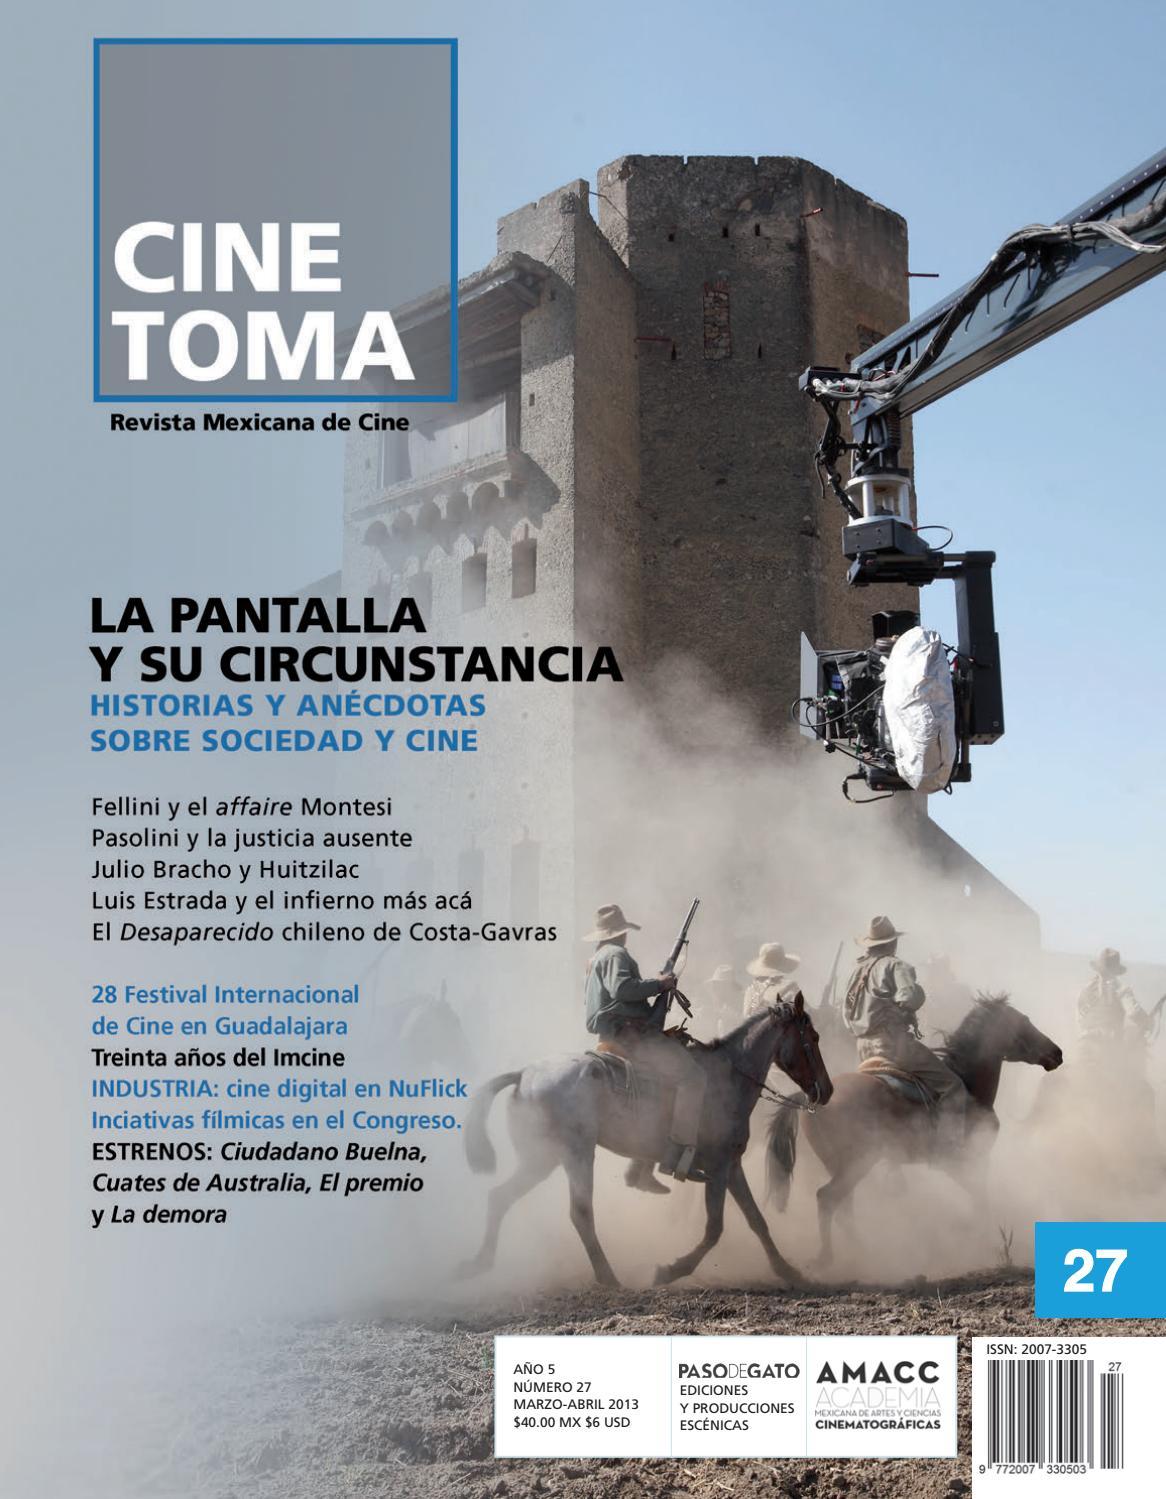 Pelicula porno en el congreso Cine Toma 27 By Paso De Gato Issuu